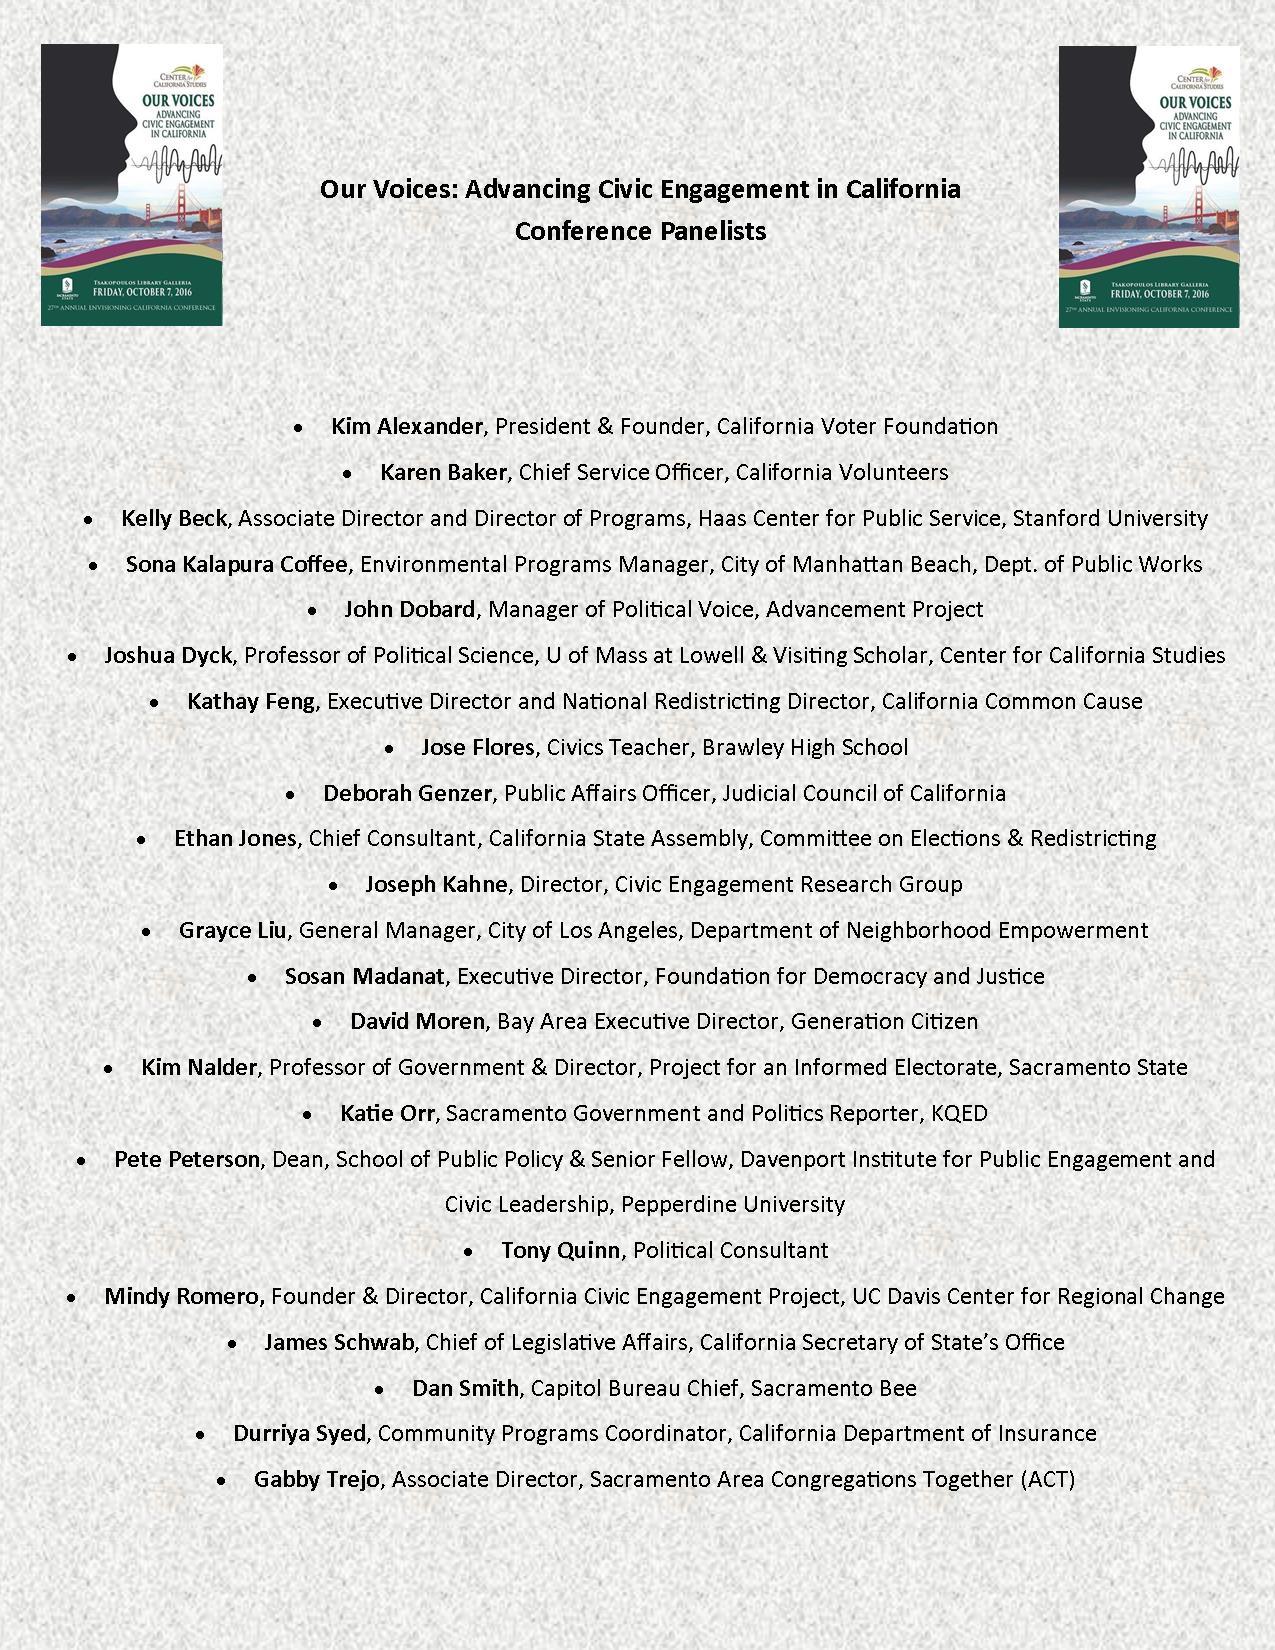 List of Panelists